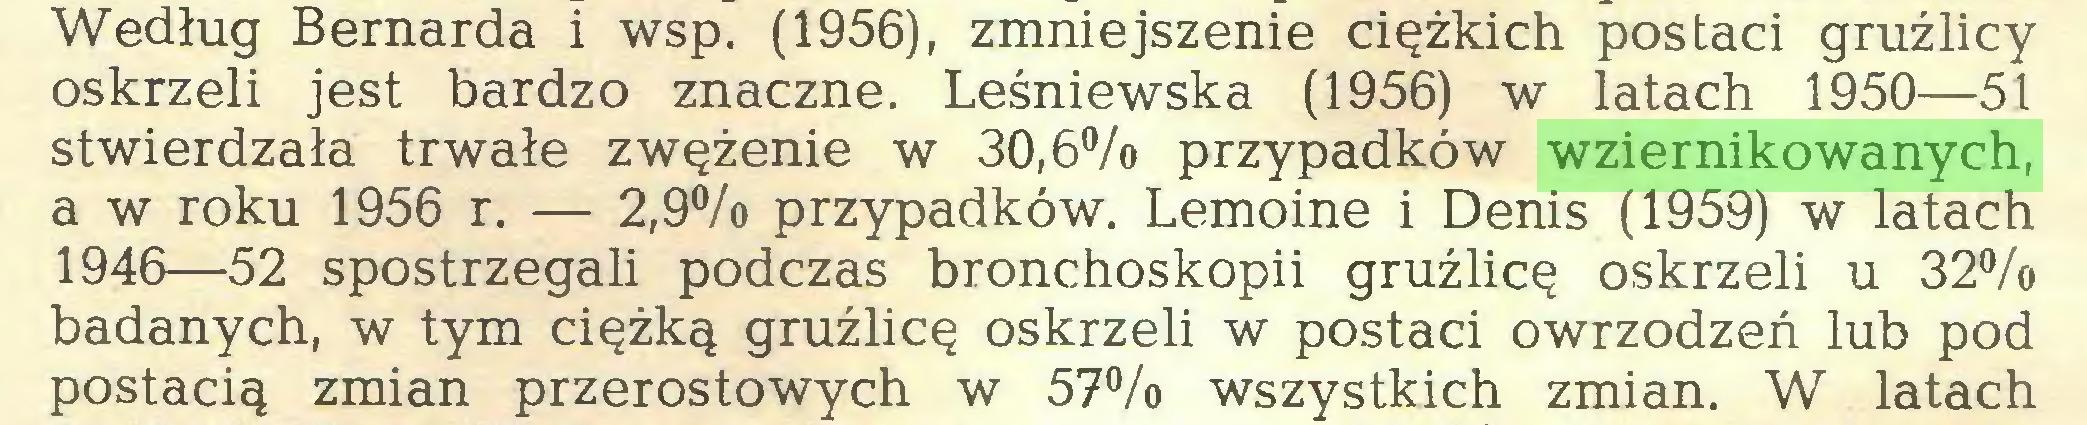 (...) Według Bernarda i wsp. (1956), zmniejszenie ciężkich postaci gruźlicy oskrzeli jest bardzo znaczne. Leśniewska (1956) w latach 1950—51 stwierdzała trwałe zwężenie w 30,6% przypadków wziernikowanych, a w roku 1956 r. — 2,9% przypadków. Lemoine i Denis (1959) w latach 1946—52 spostrzegali podczas bronchoskopii gruźlicę oskrzeli u 32% badanych, w tym ciężką gruźlicę oskrzeli w postaci owrzodzeń lub pod postacią zmian przerostowych w 57% wszystkich zmian. W latach...